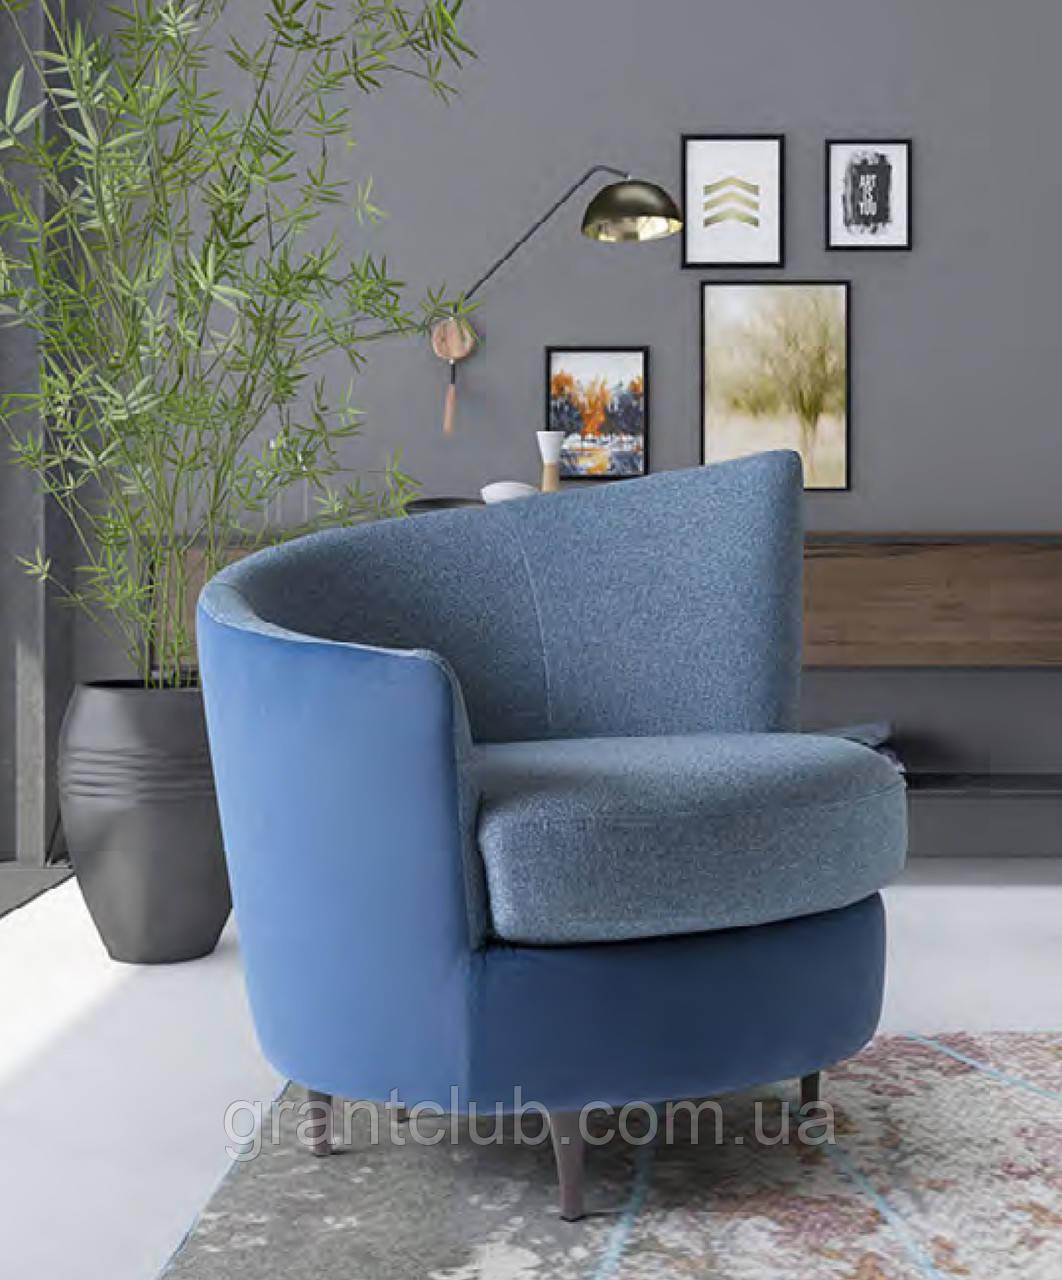 Дизайнерское круглое кресло PRIVE, фабрика LeComfort (Италия)